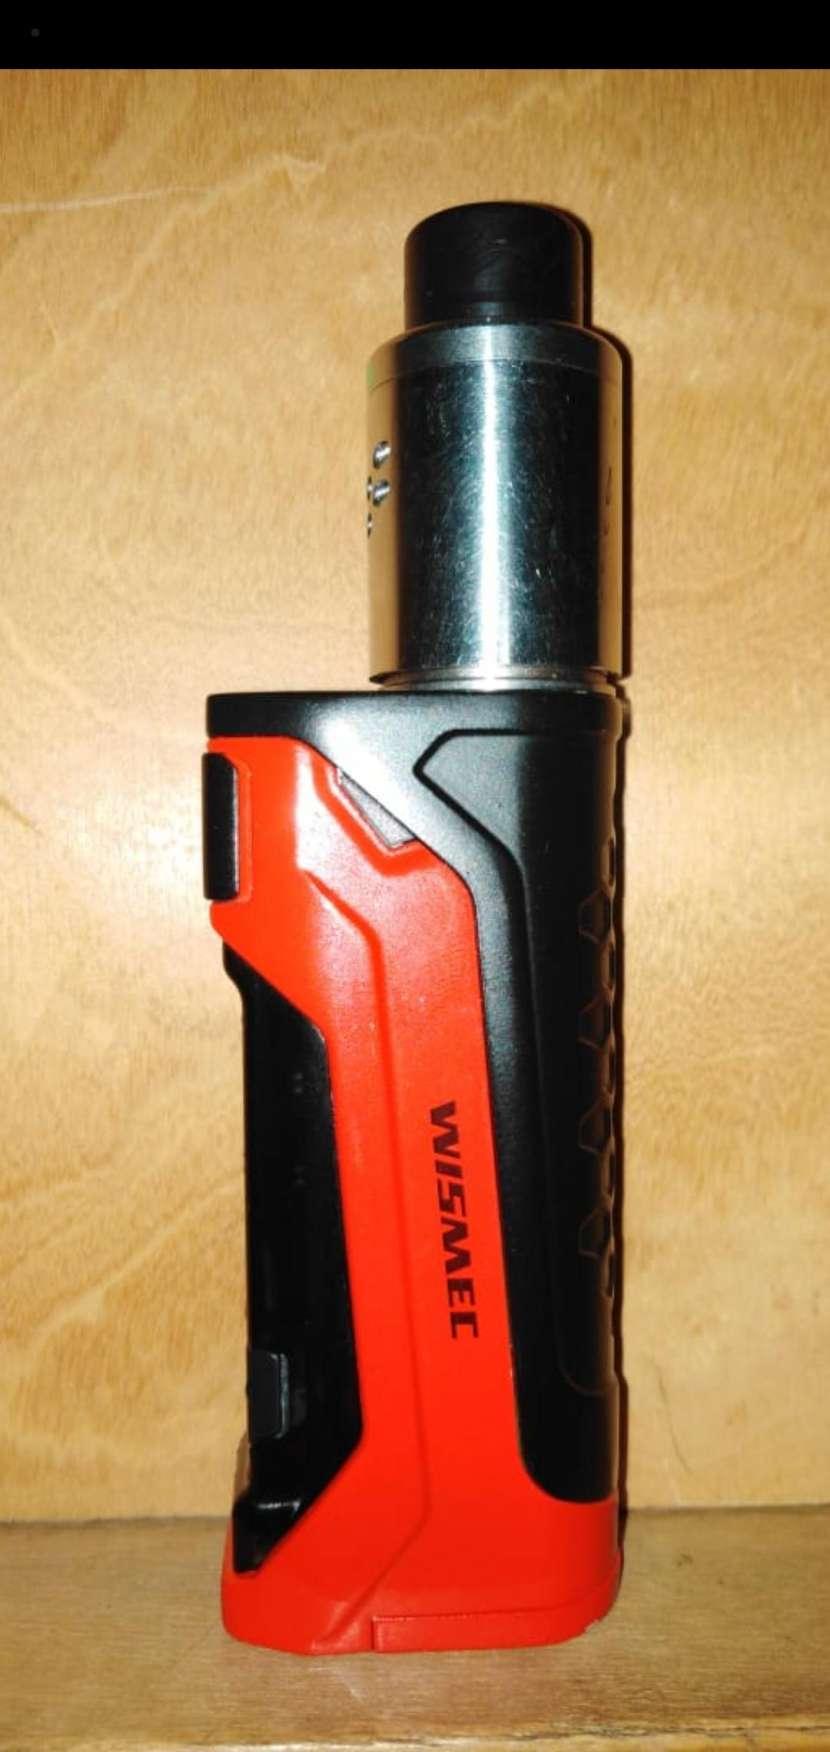 Vapeador Wismec - 0